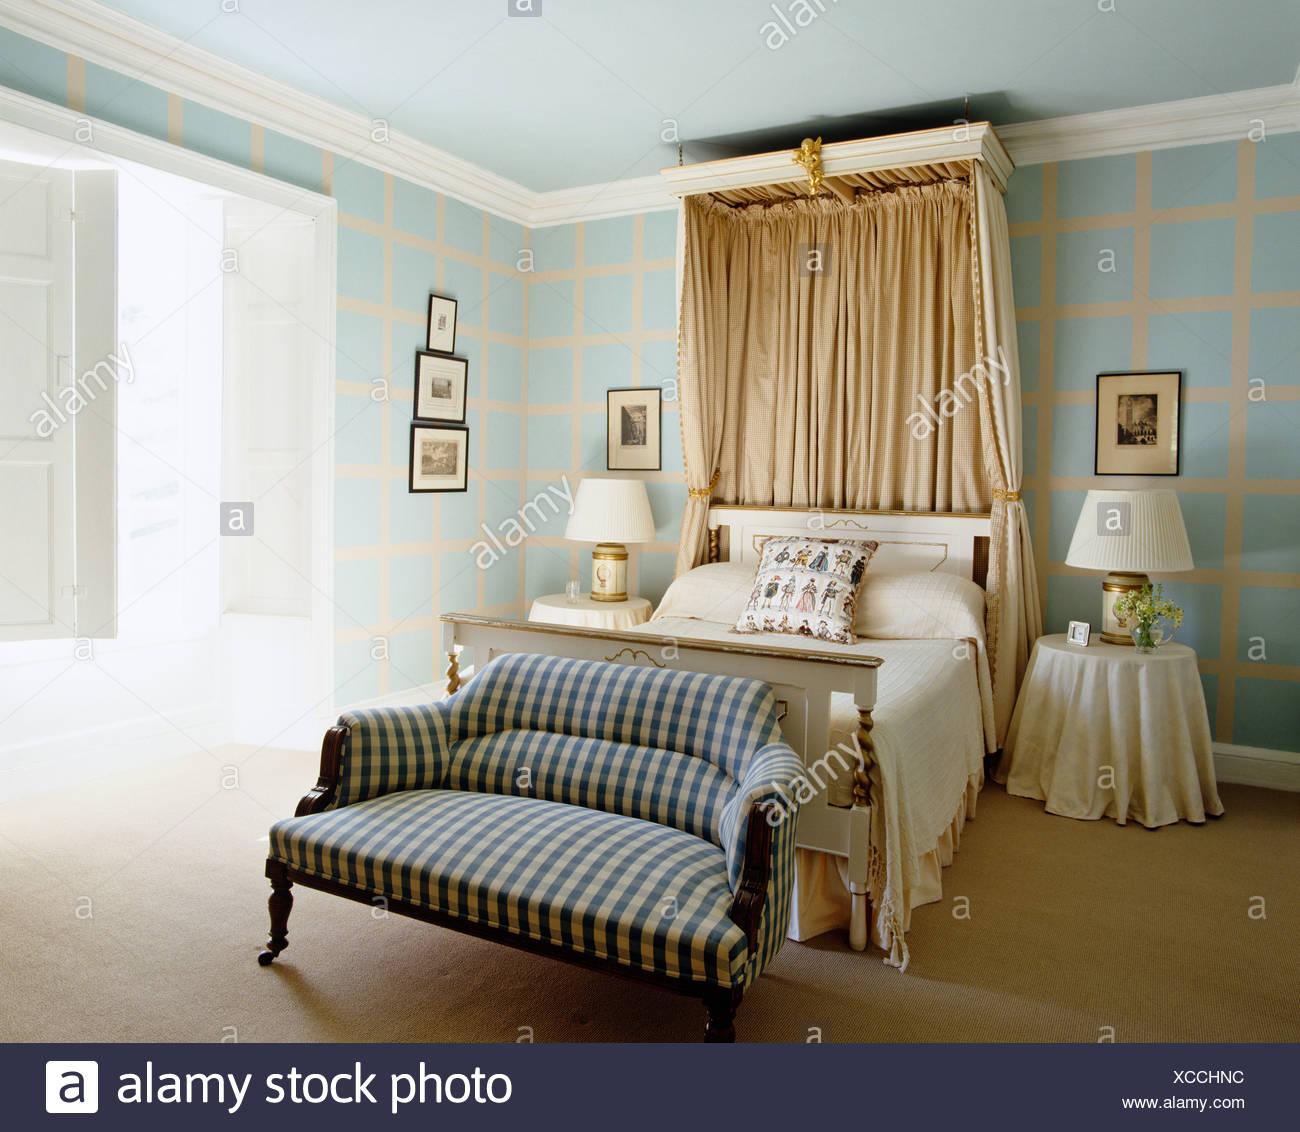 Il beige drappi di seta sul baldacchino sopra il letto in turchese ...